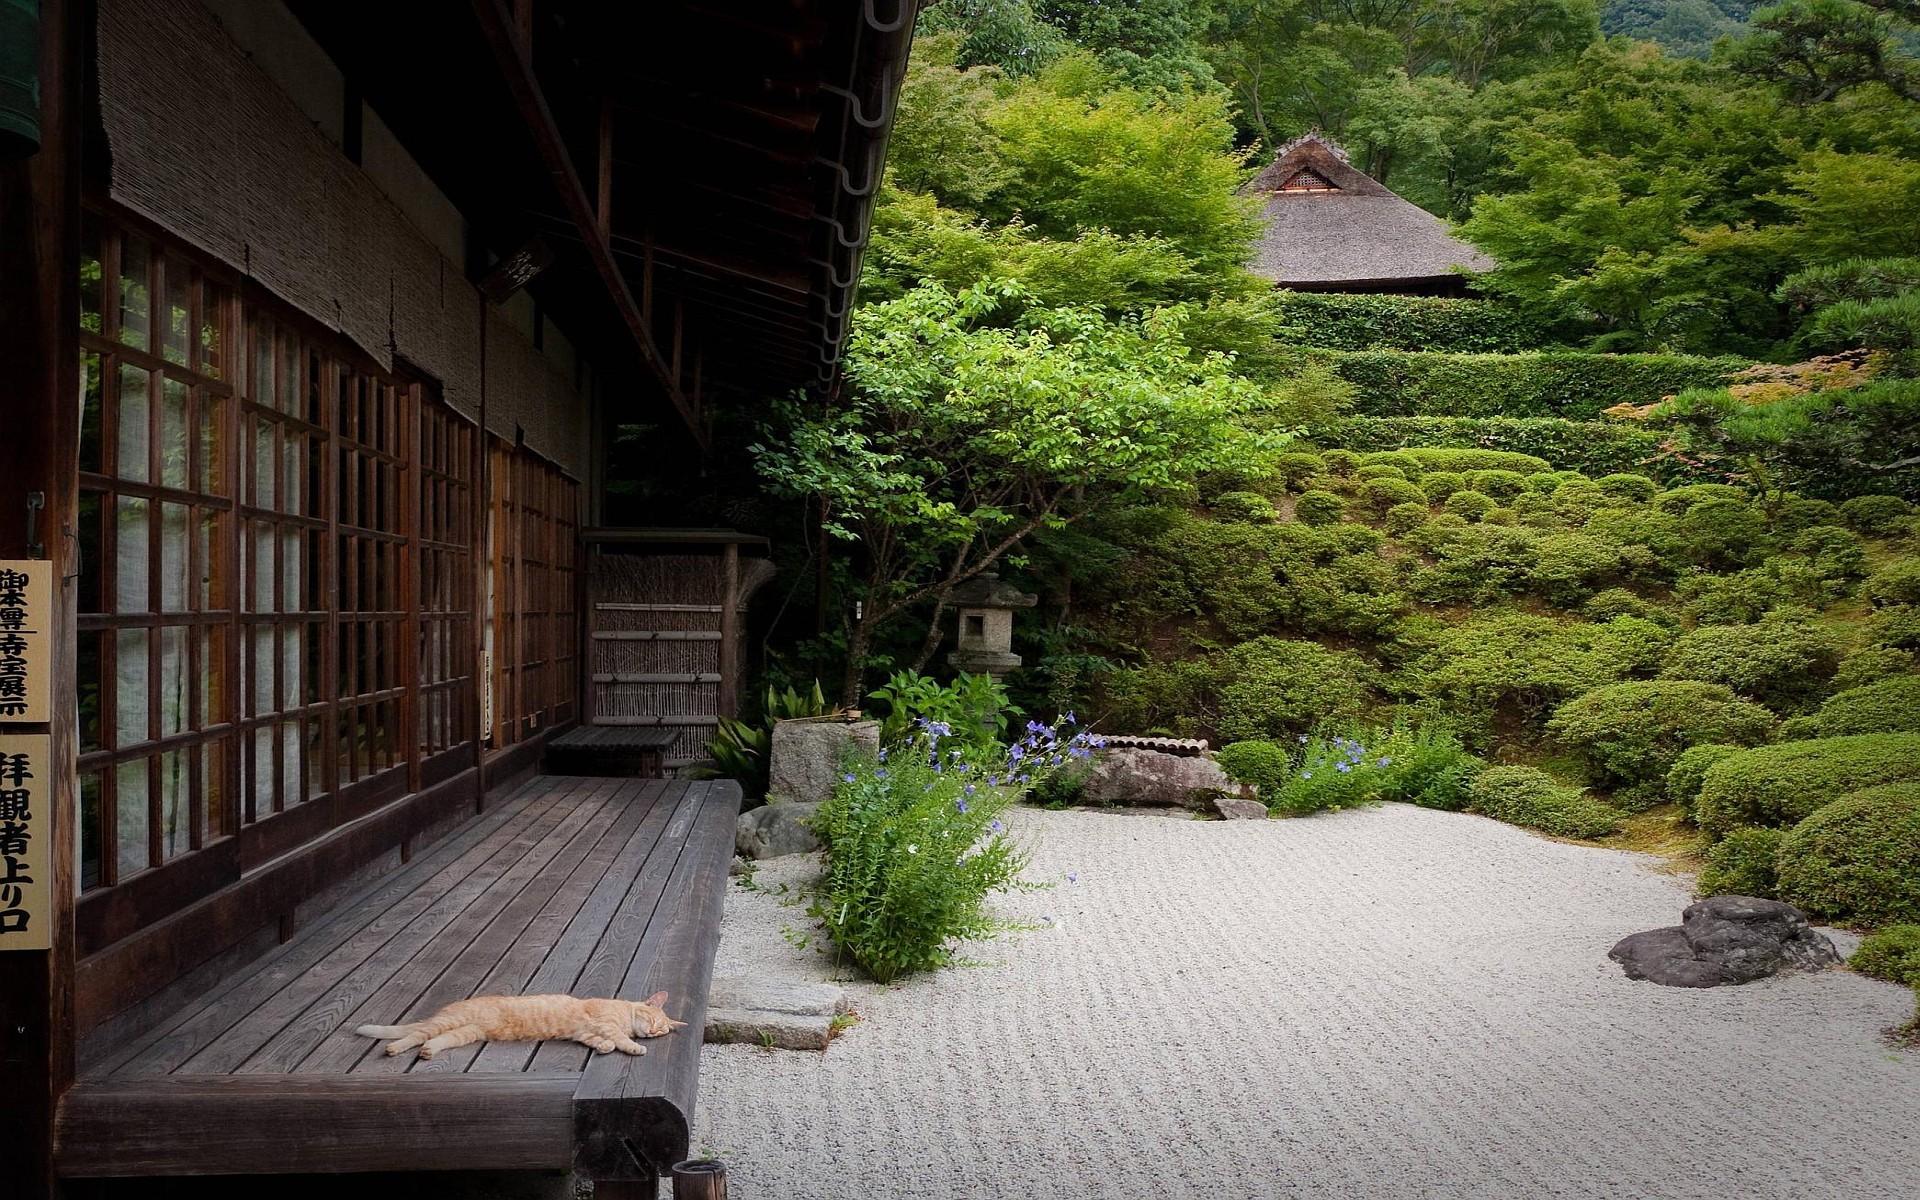 Zen Iphone 6 Wallpaper Japanese Garden Wallpaper Backgrounds 45 Images